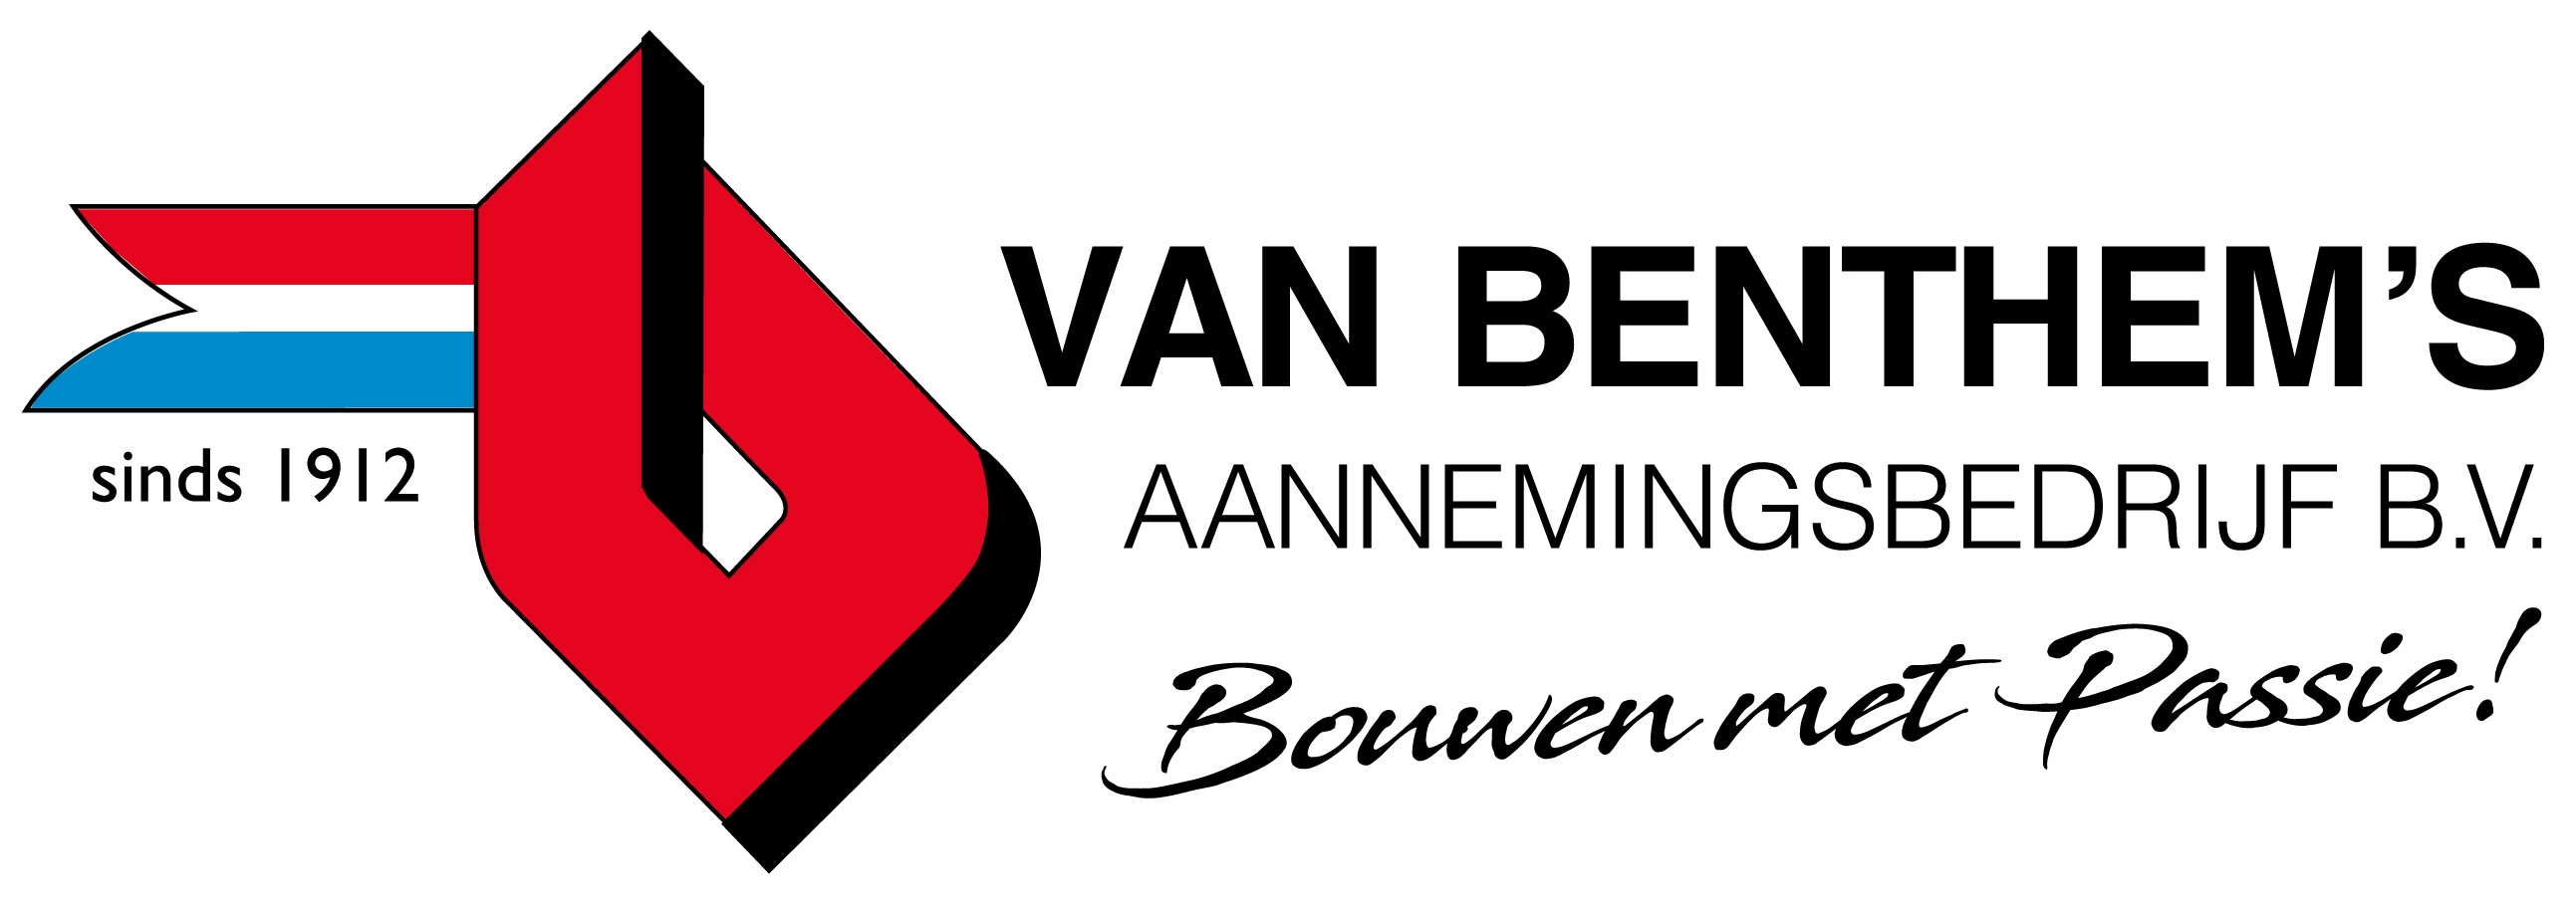 van Benthem's Aannemingsbedrijf B.V.